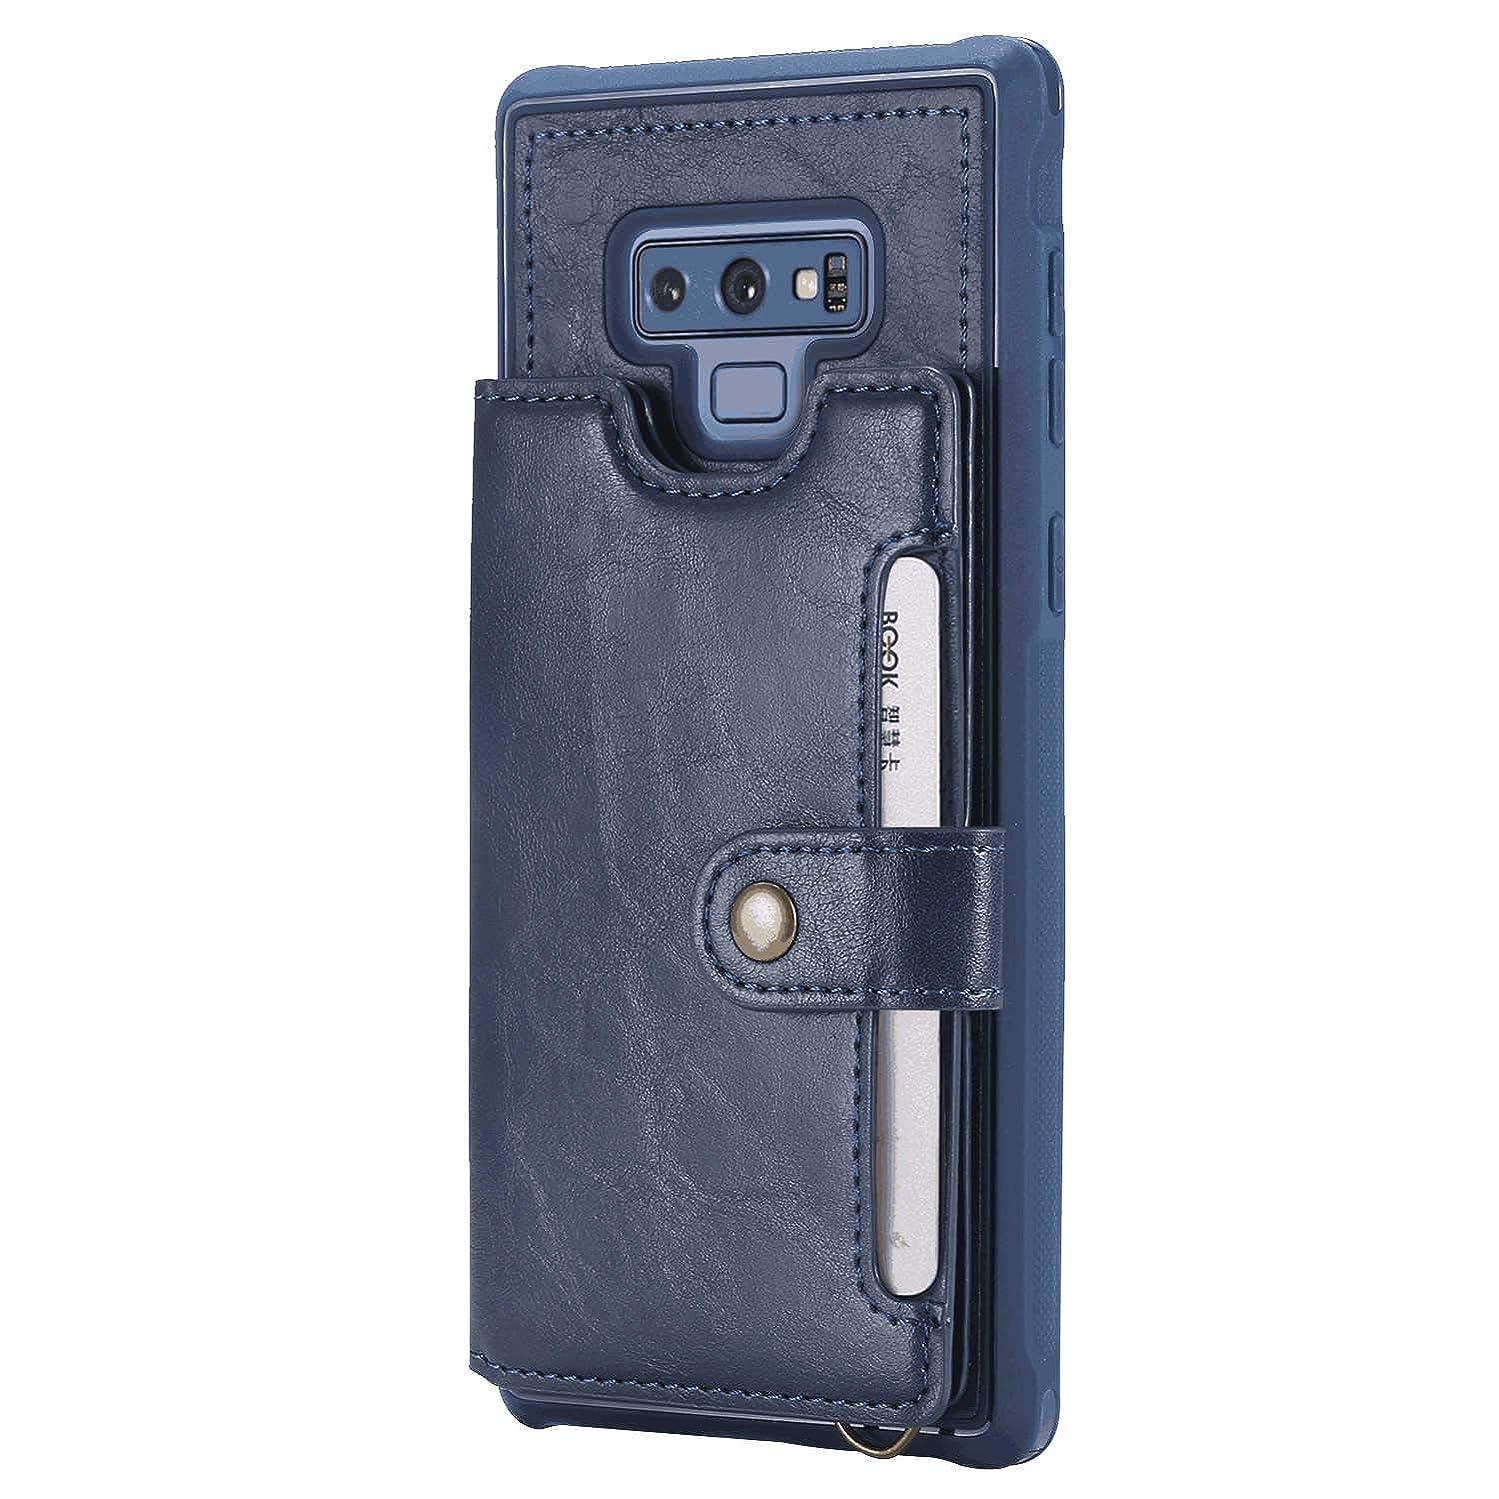 息子行素晴らしいですSamsung Galaxy S8 Plus プラス PUレザー ケース, 手帳型 ケース 本革 携帯ケース 耐衝撃 ビジネス 財布 カバー収納 手帳型ケース Samsung Galaxy サムスン ギャラクシー S8 Plus プラス レザーケース